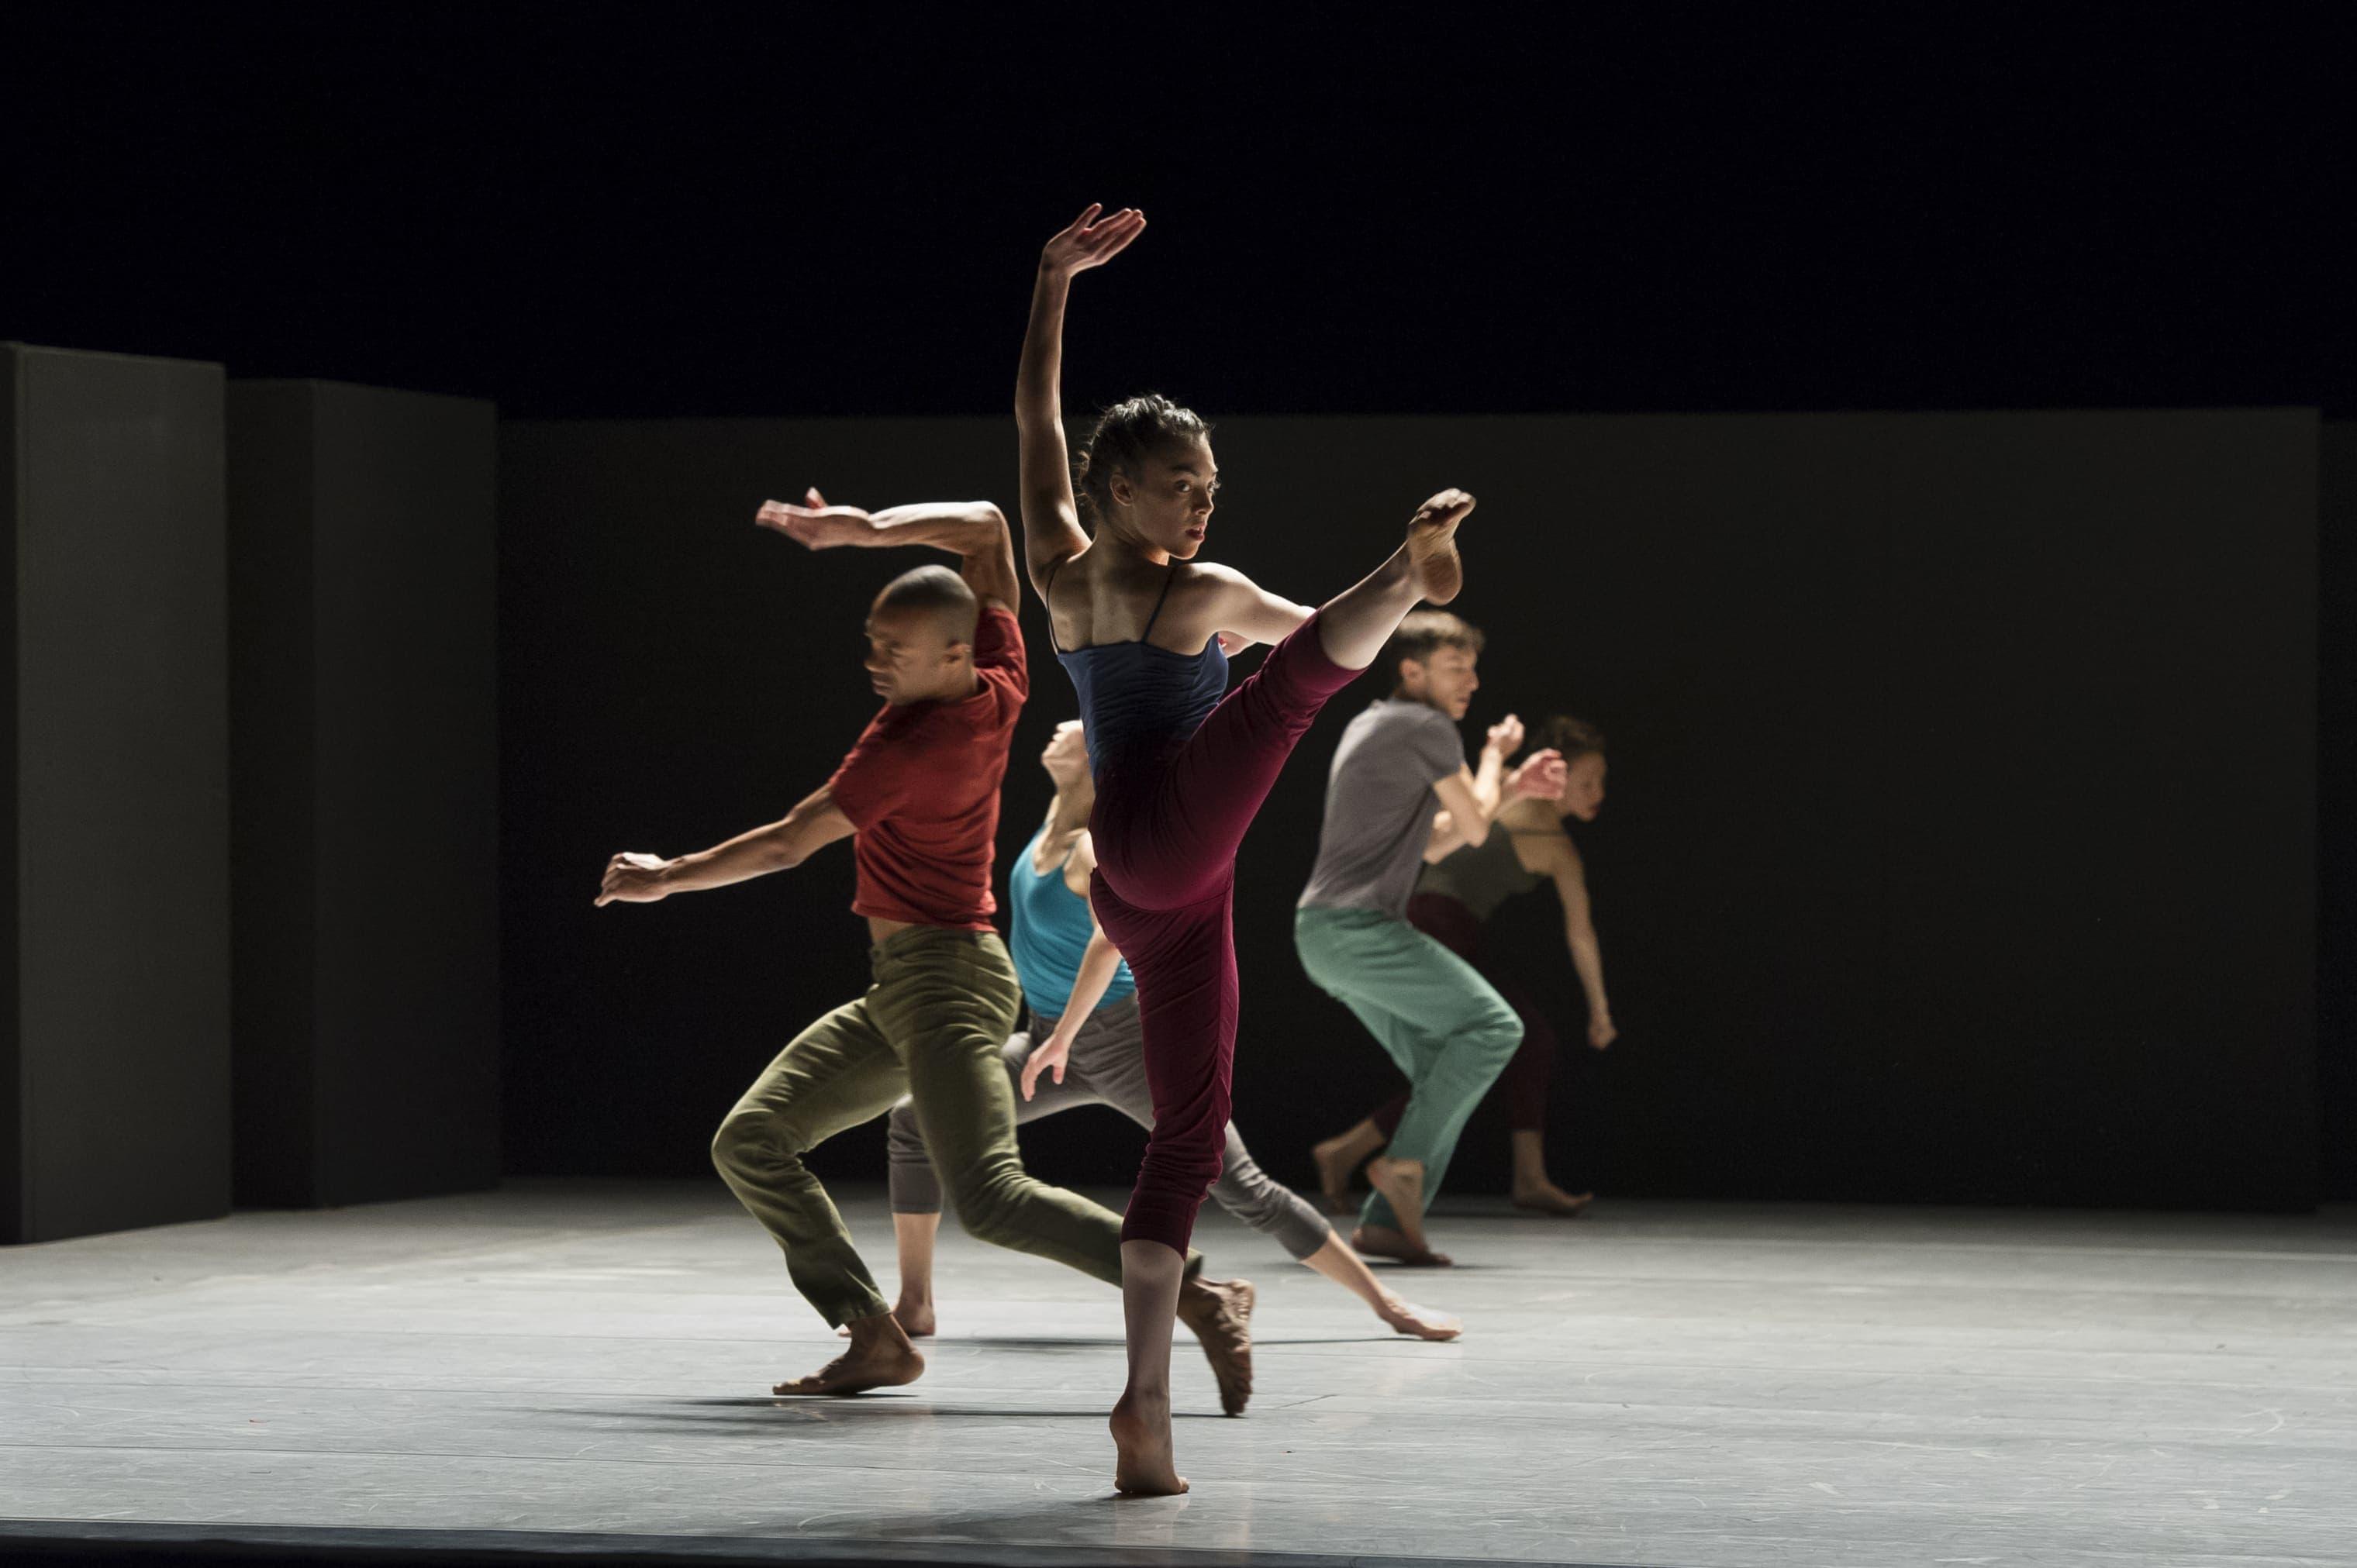 lowells dance company - HD3040×2023